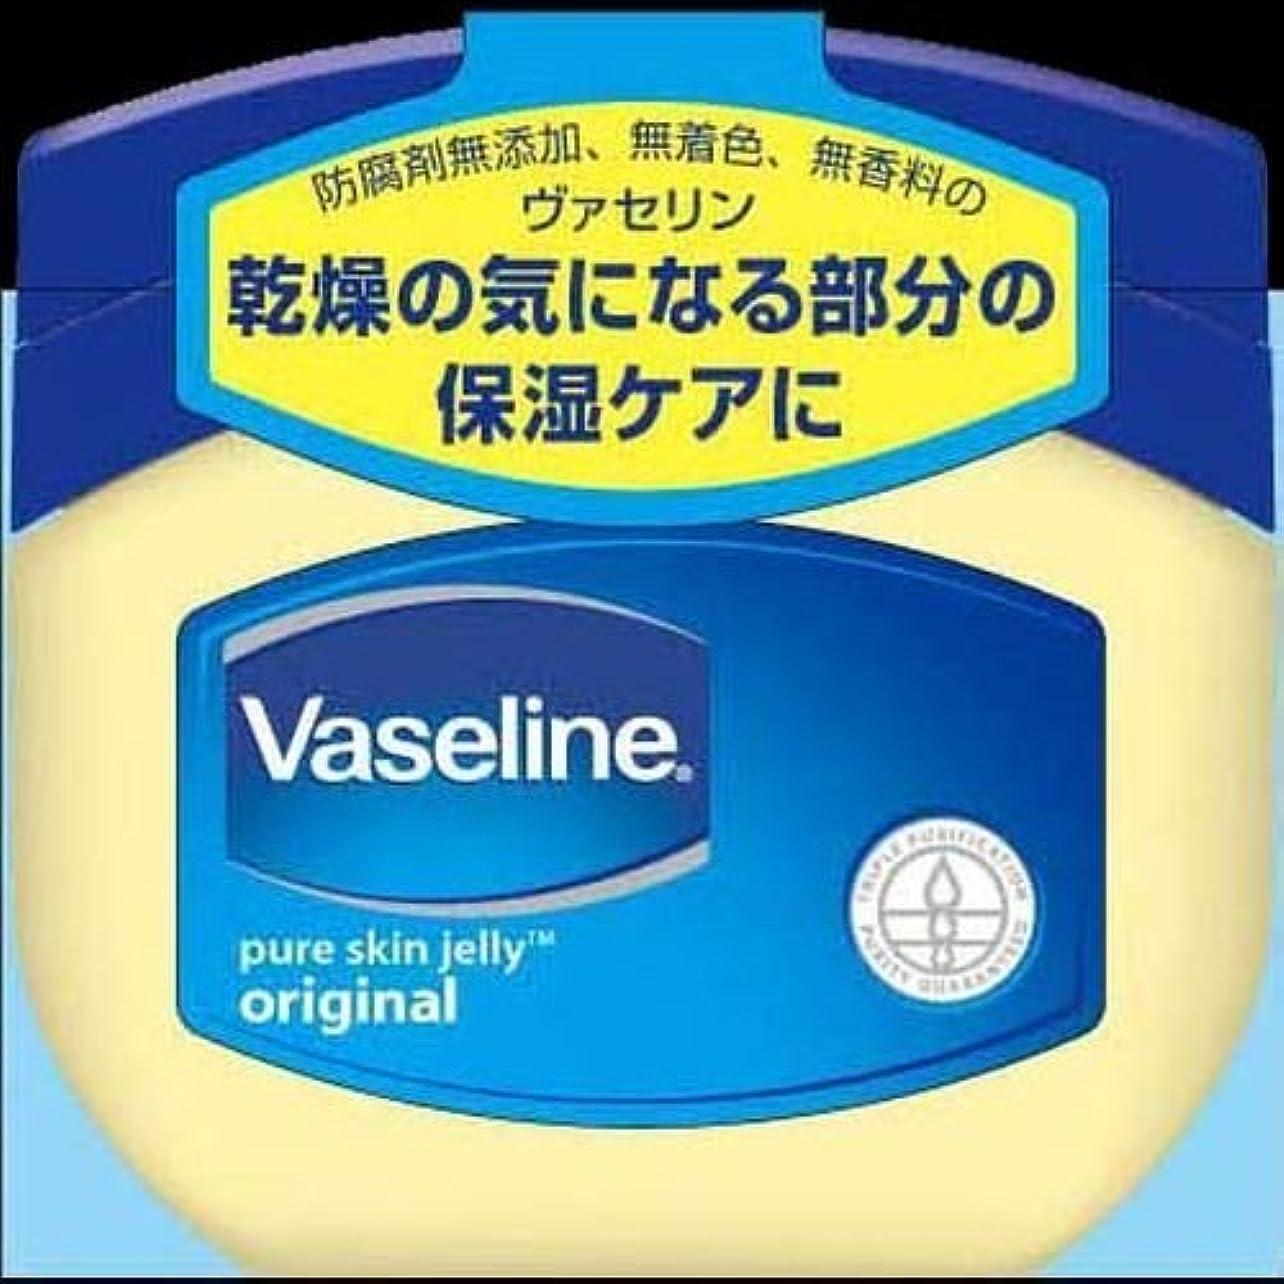 インシデント廃止するケント【まとめ買い】ヴァセリン オリジナルピュアスキンジェリー 80g ×2セット